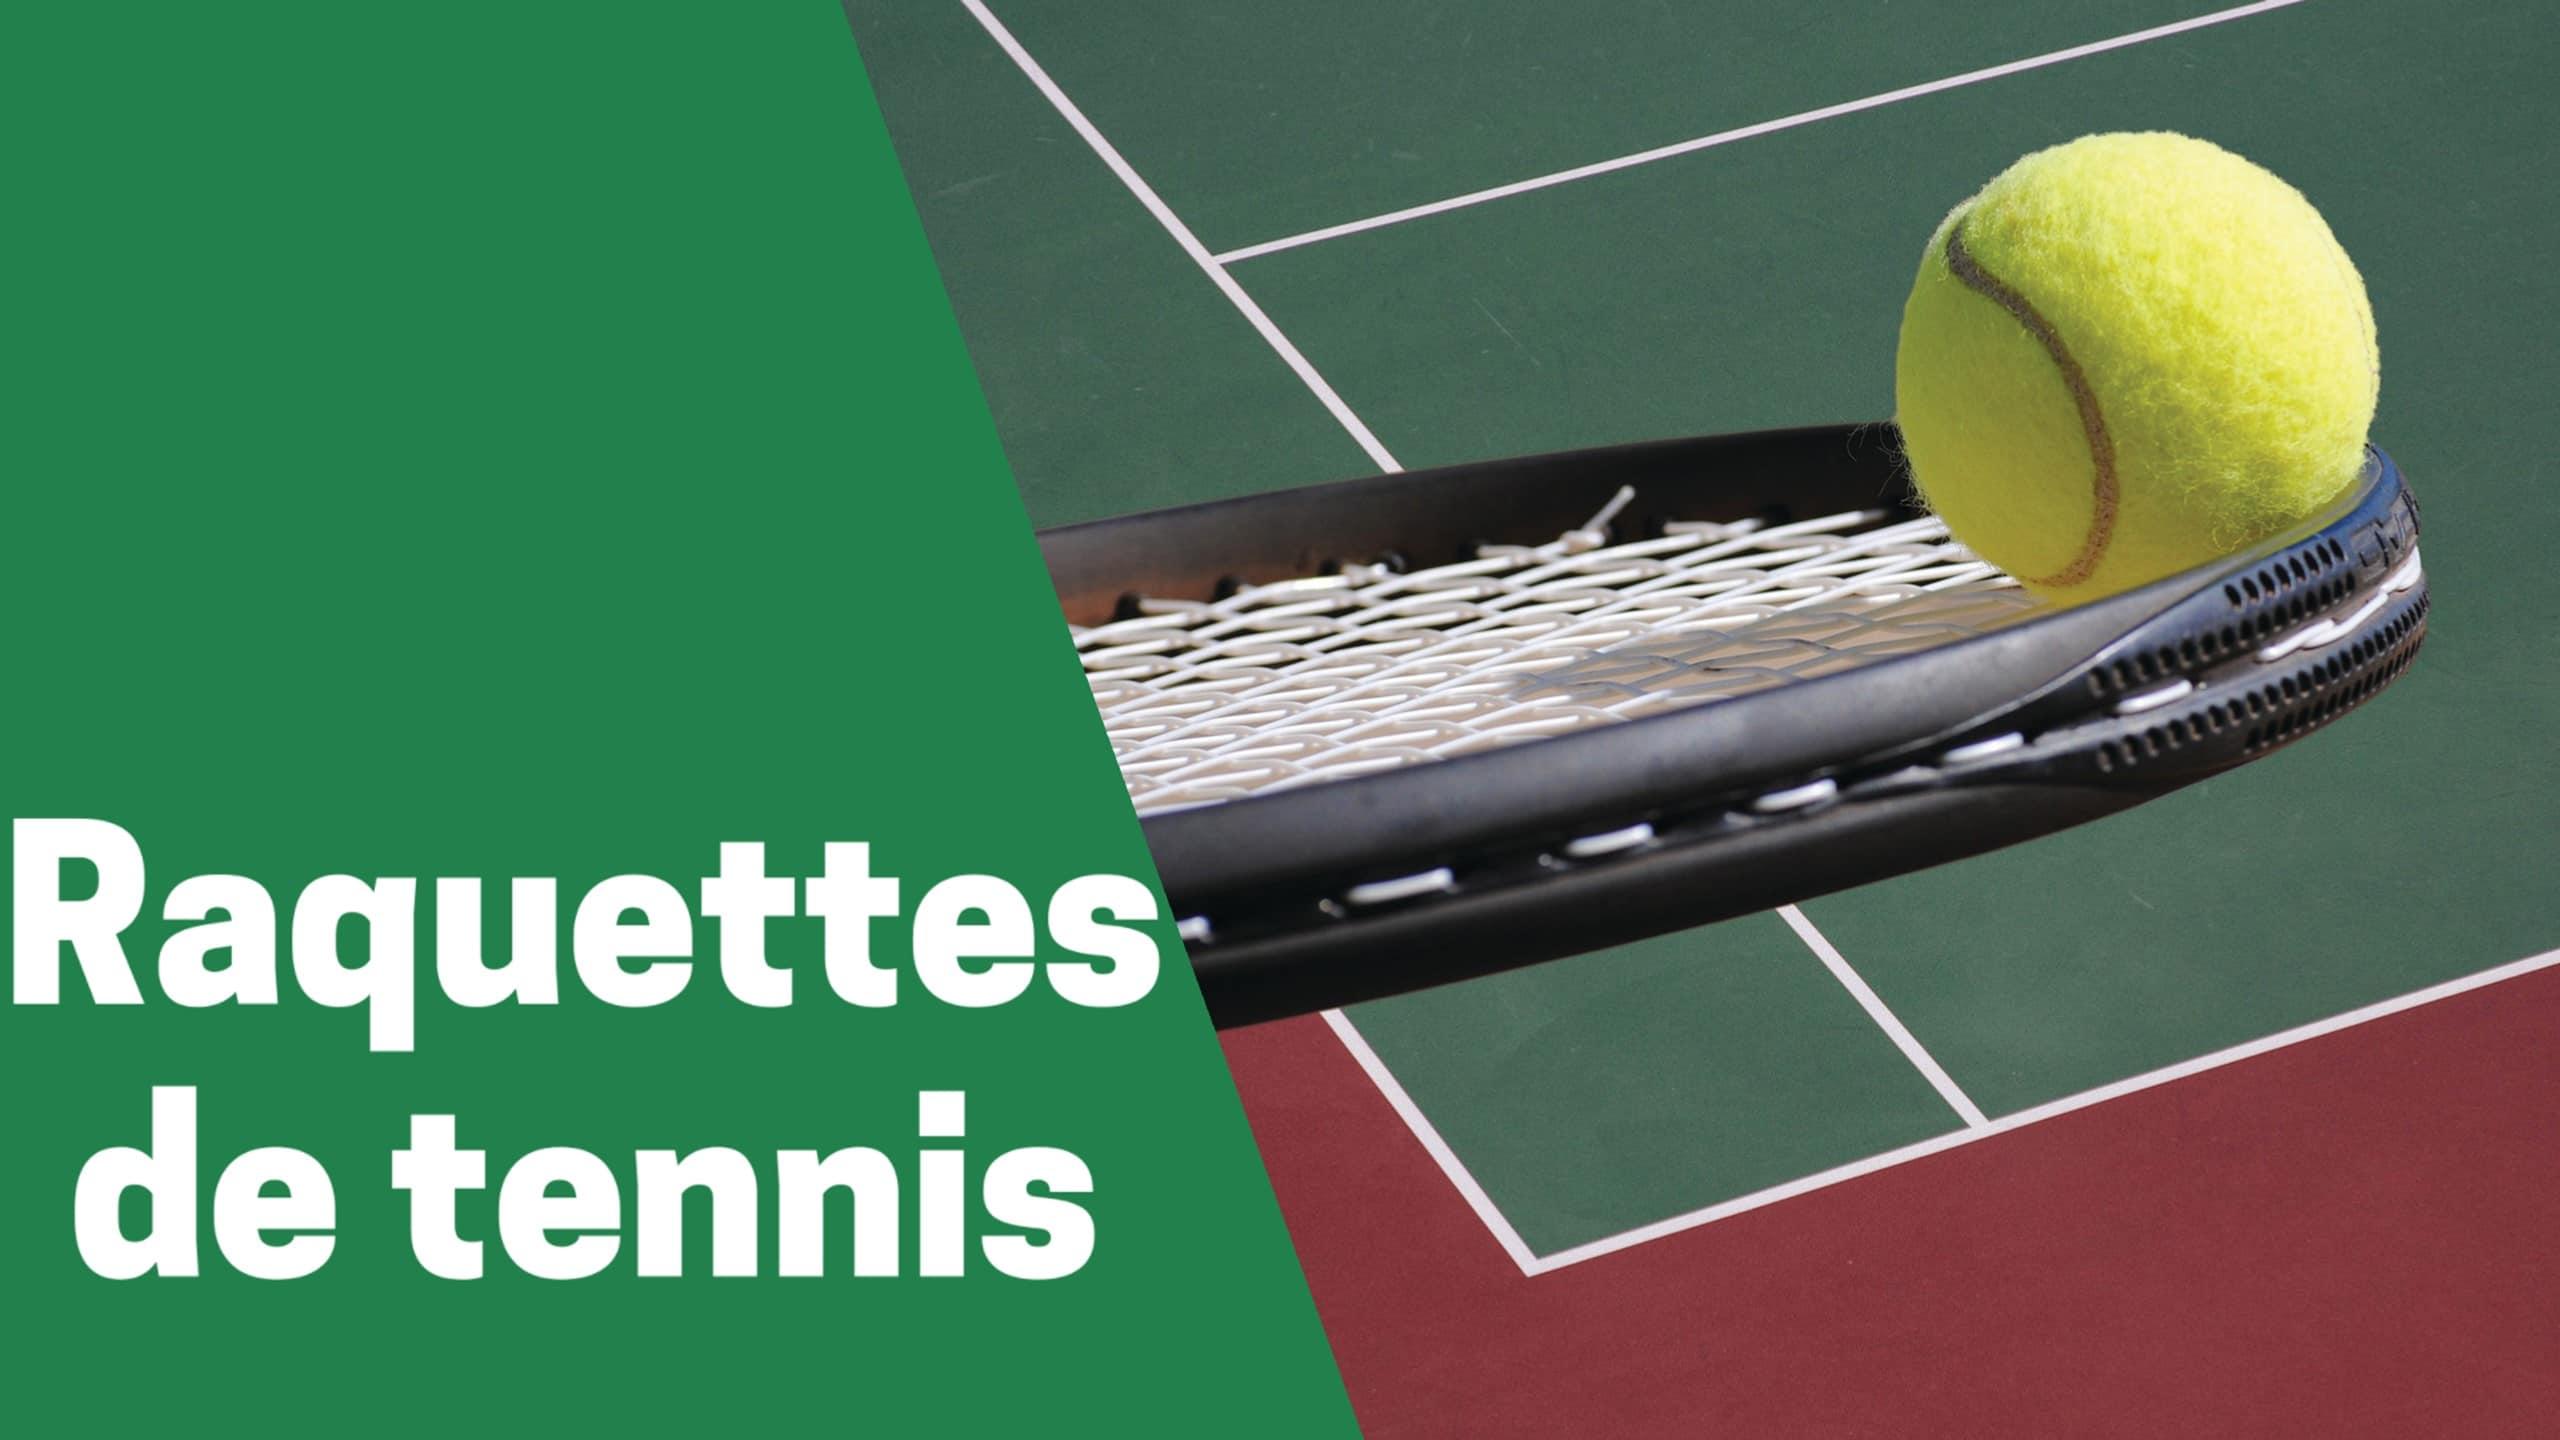 Meilleure raquette de tennis comparatif guide achat avis test